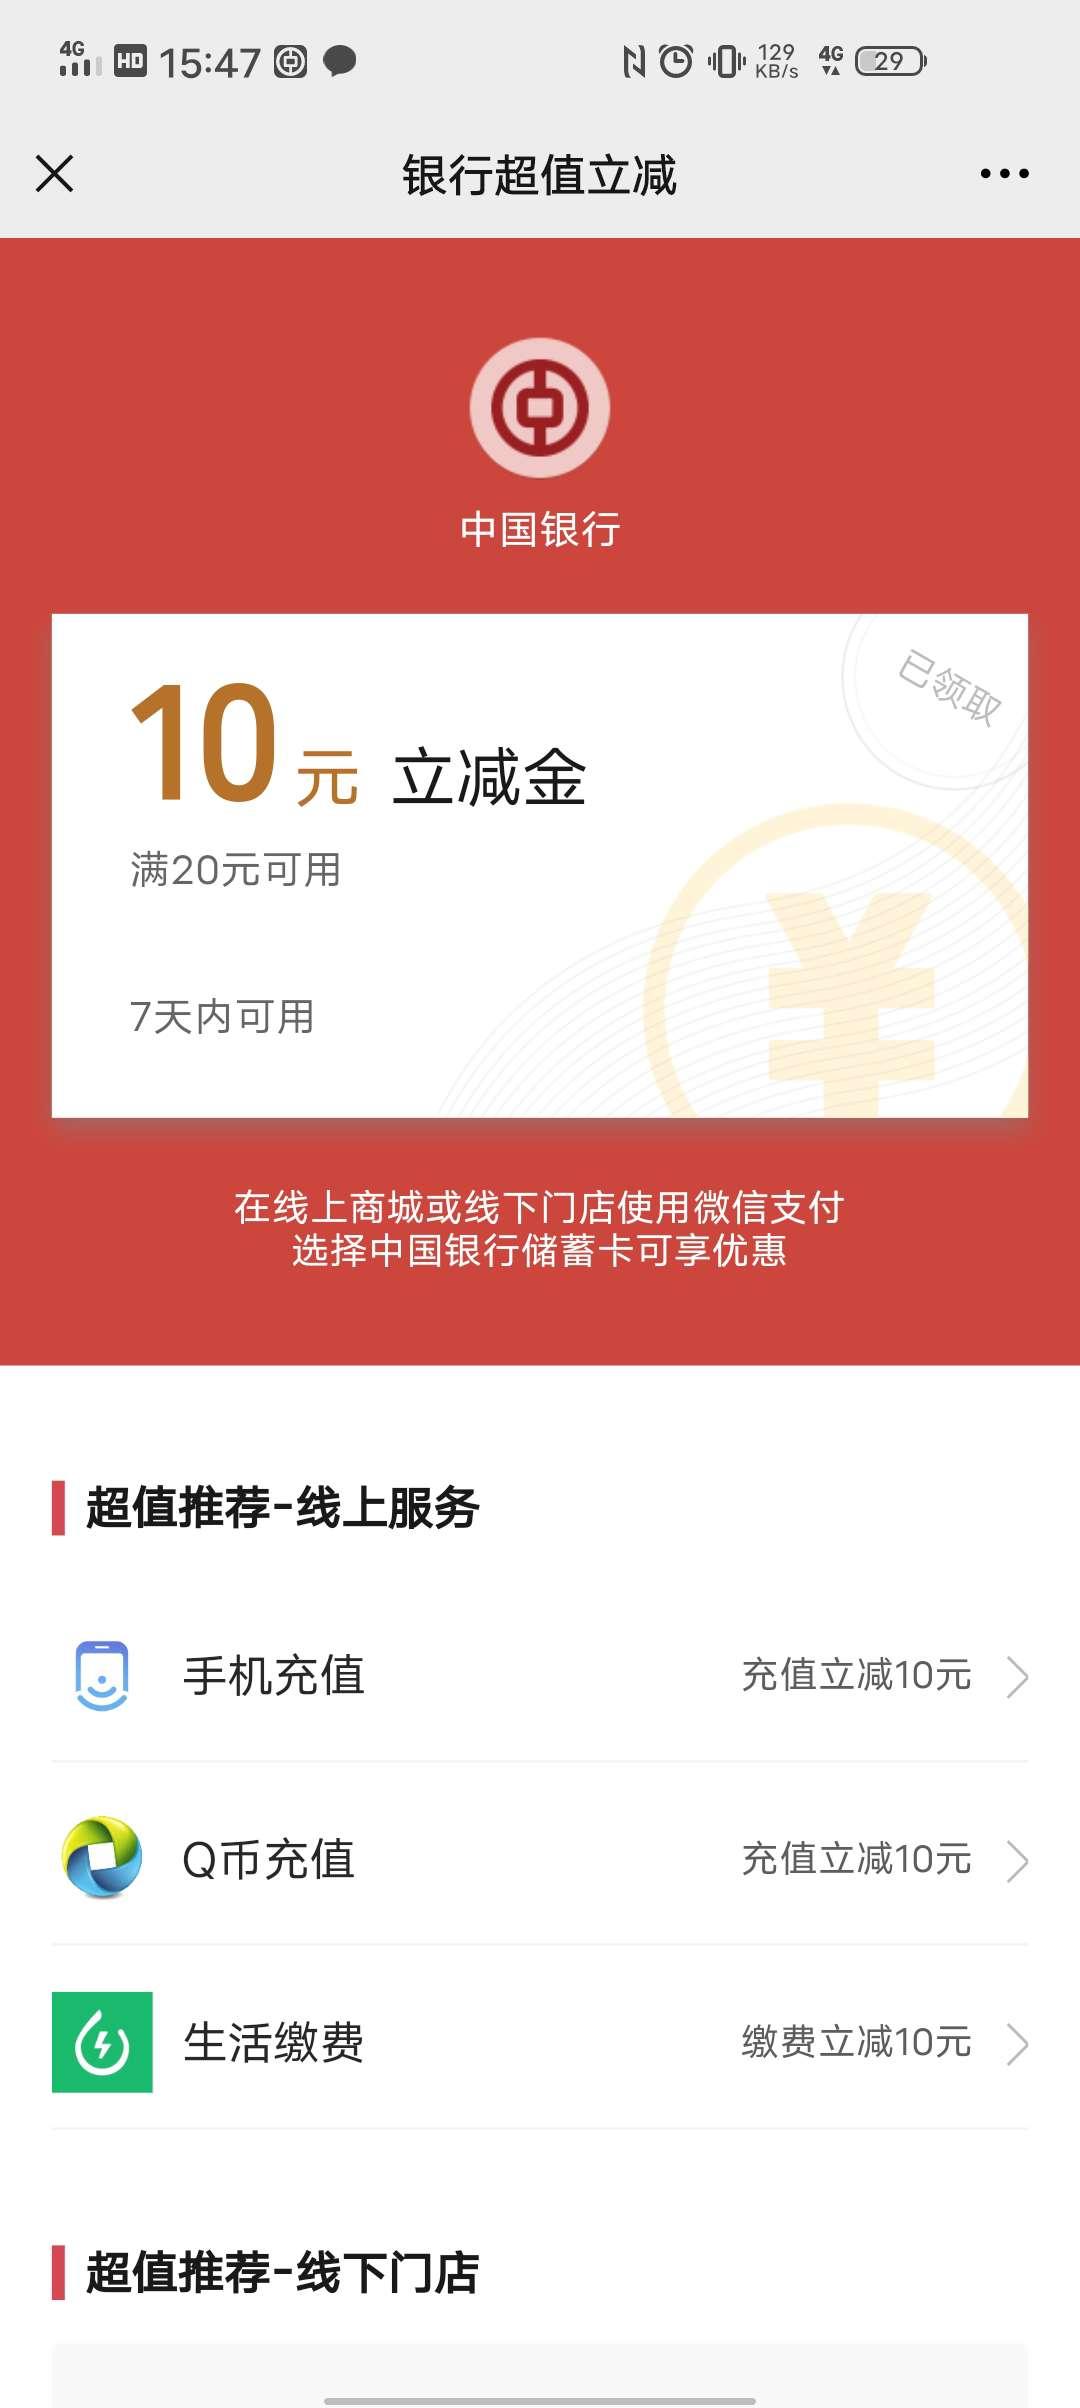 中国银行一元购买十元立减金